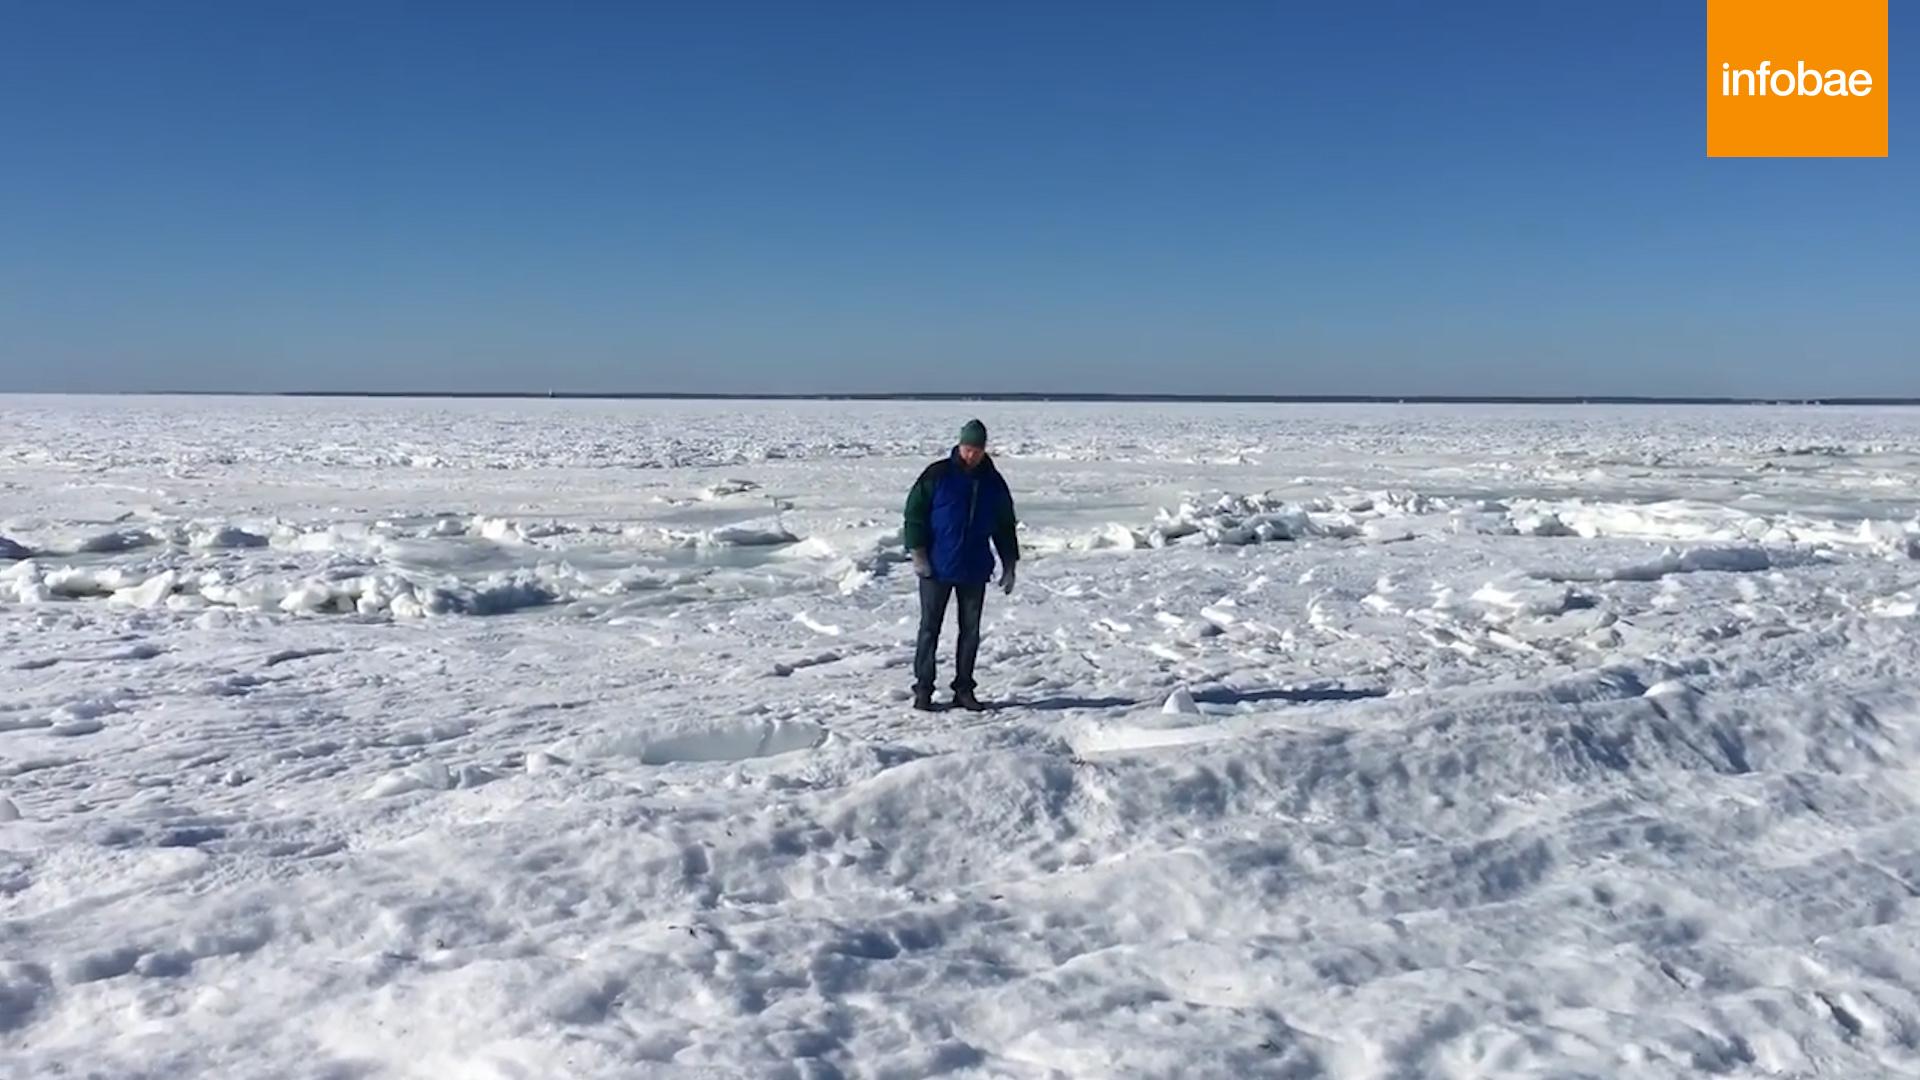 Una persona camina sobre el hielo formado sobre el mar en la bahía de Buzzards (captura de video)